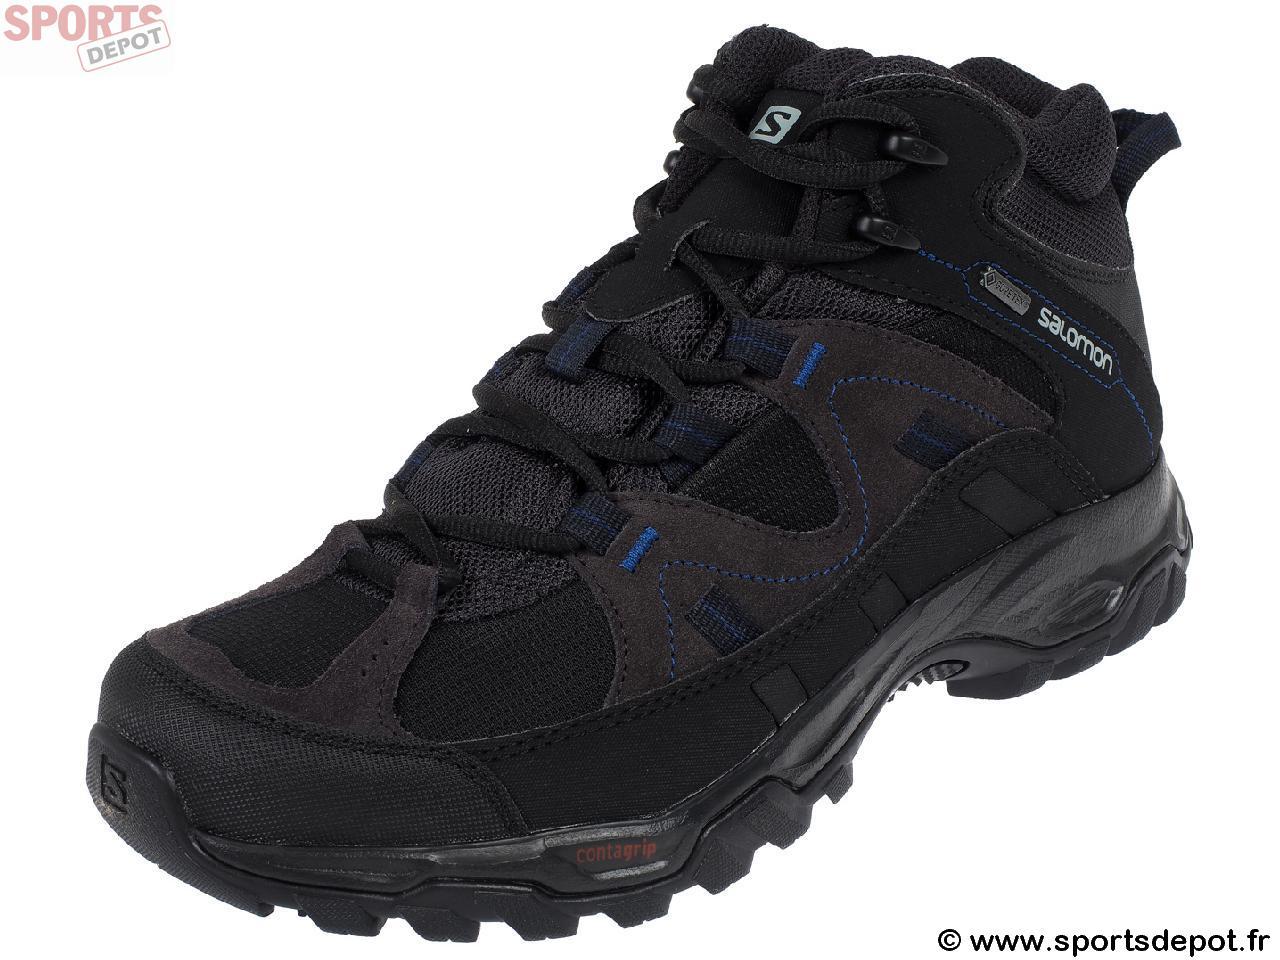 af72d240c88 Acheter Chaussures marche randonnées SALOMON Meadow mid gtx noir ...